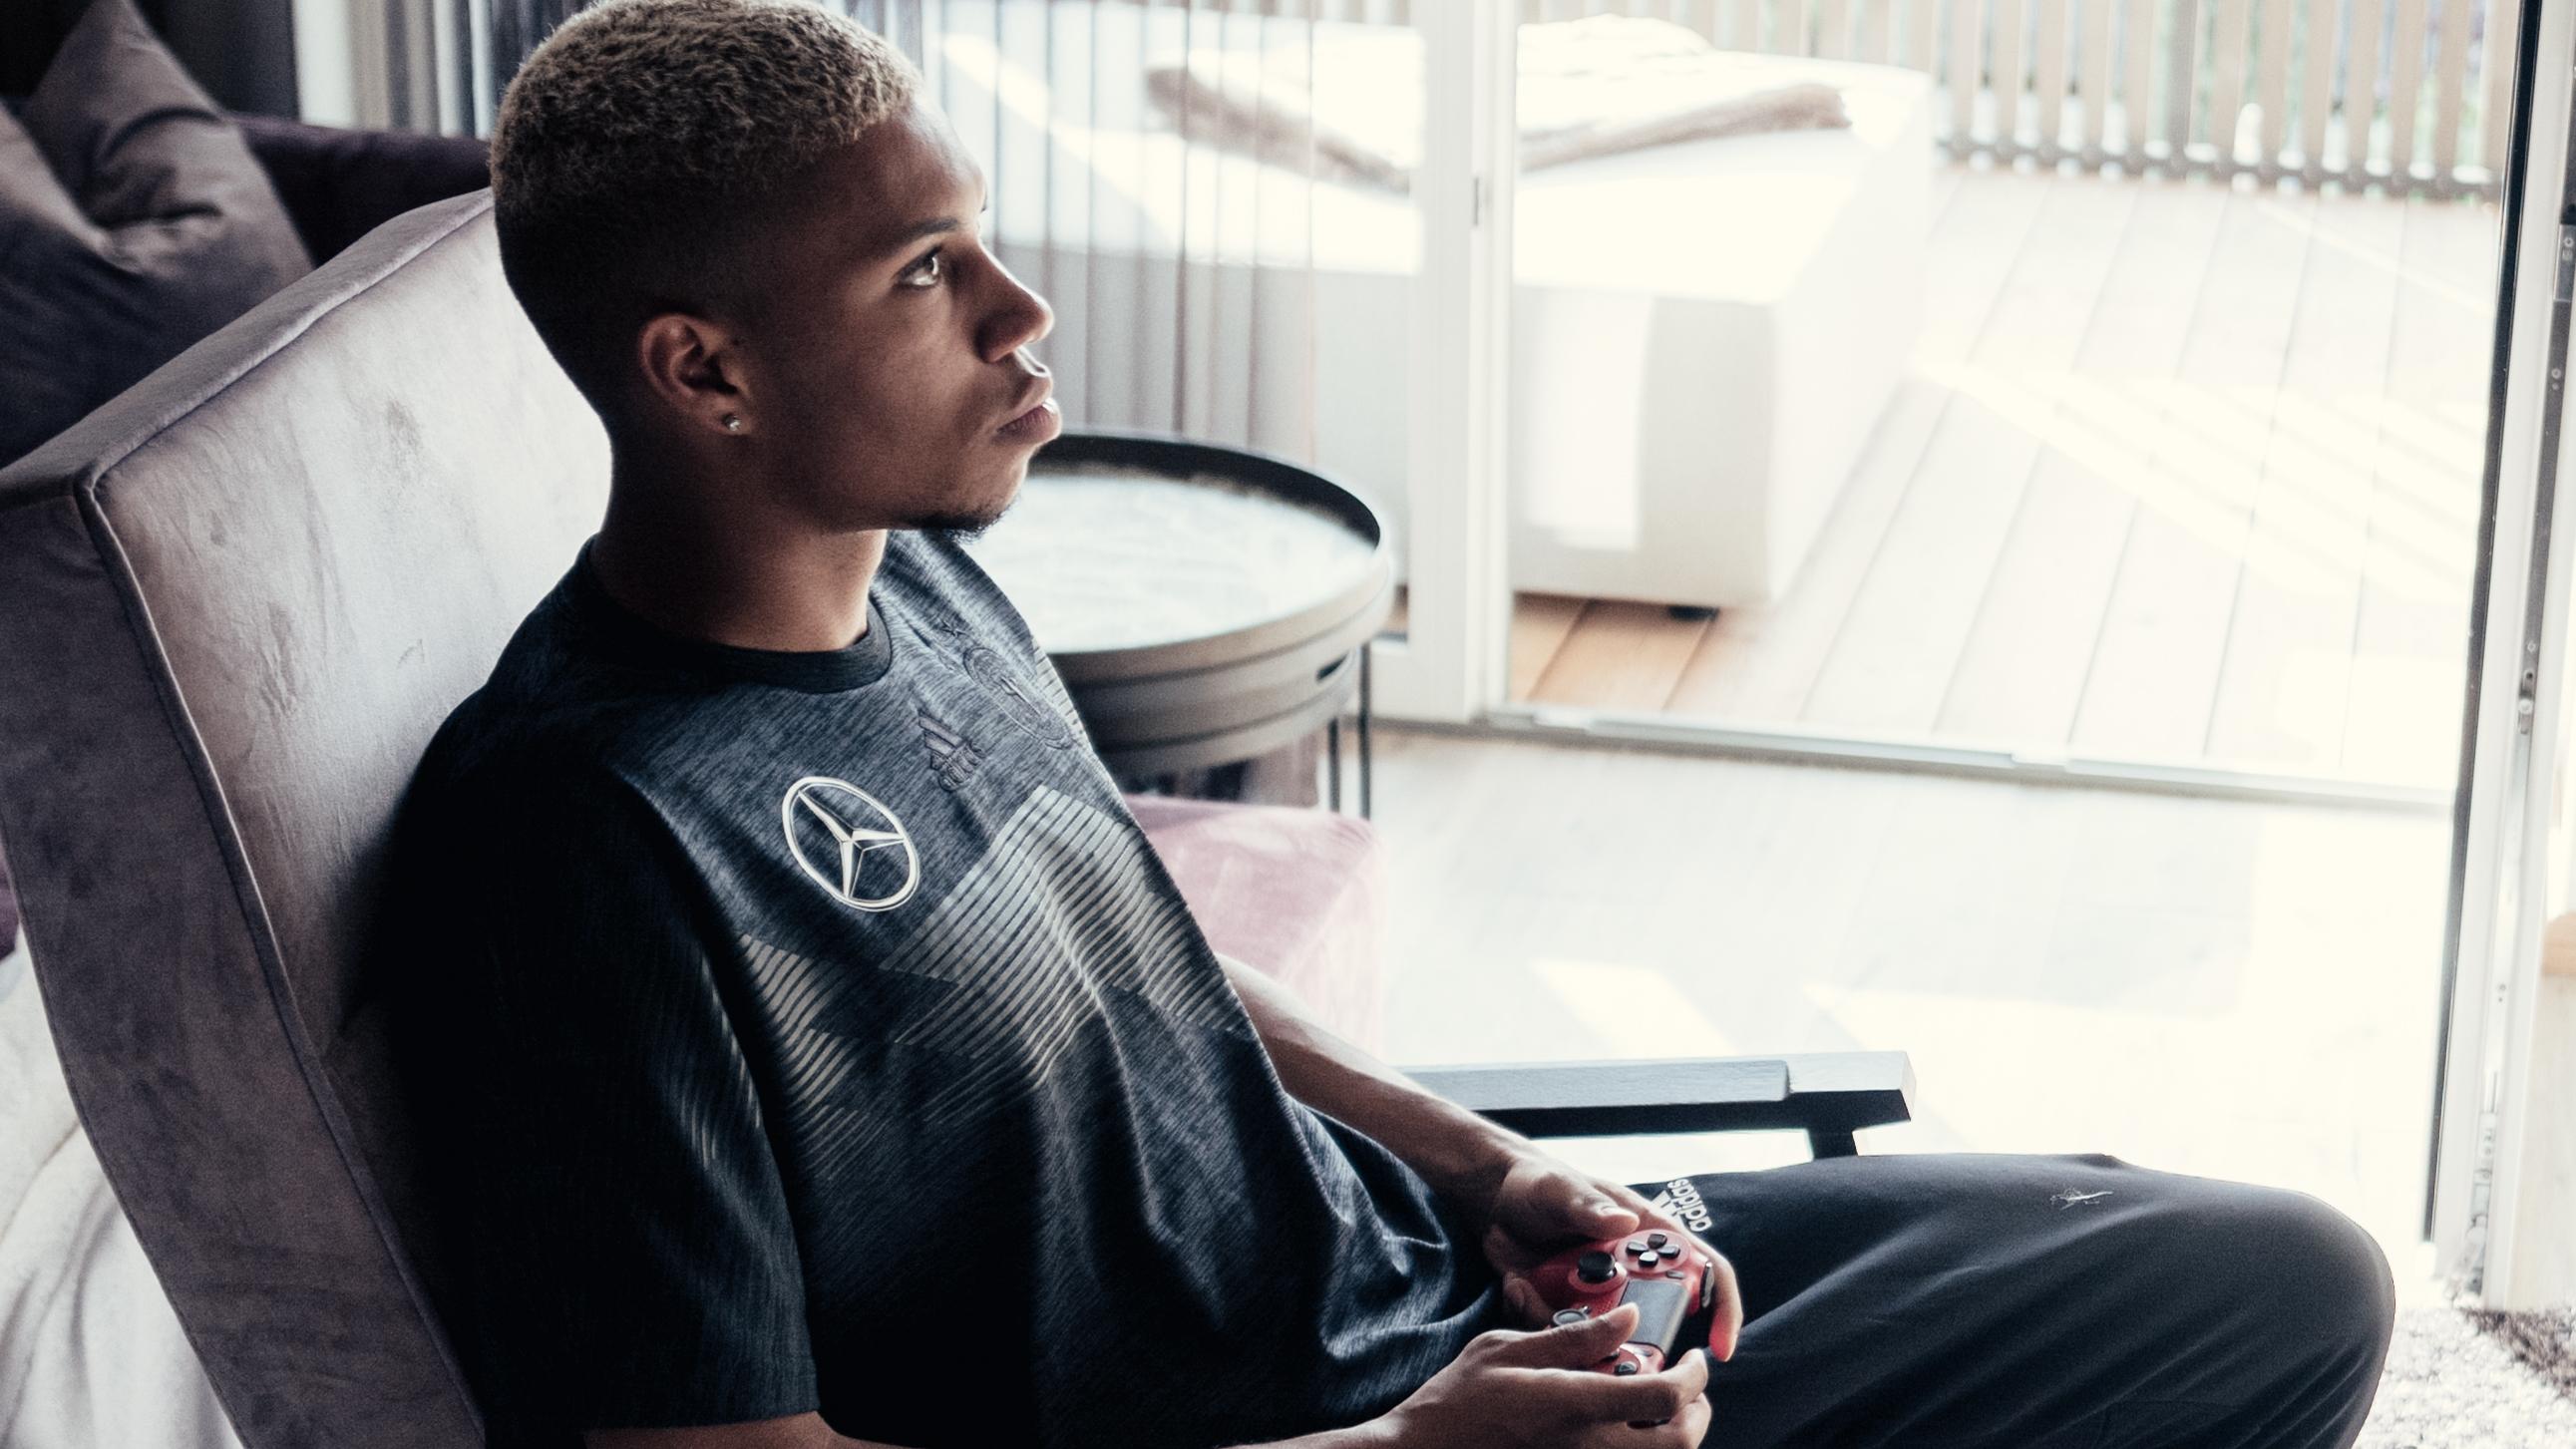 Ein Spieler der deutschen Nationalmannschaft sitzt auf einem Sessel und spielt ein Videospiel.